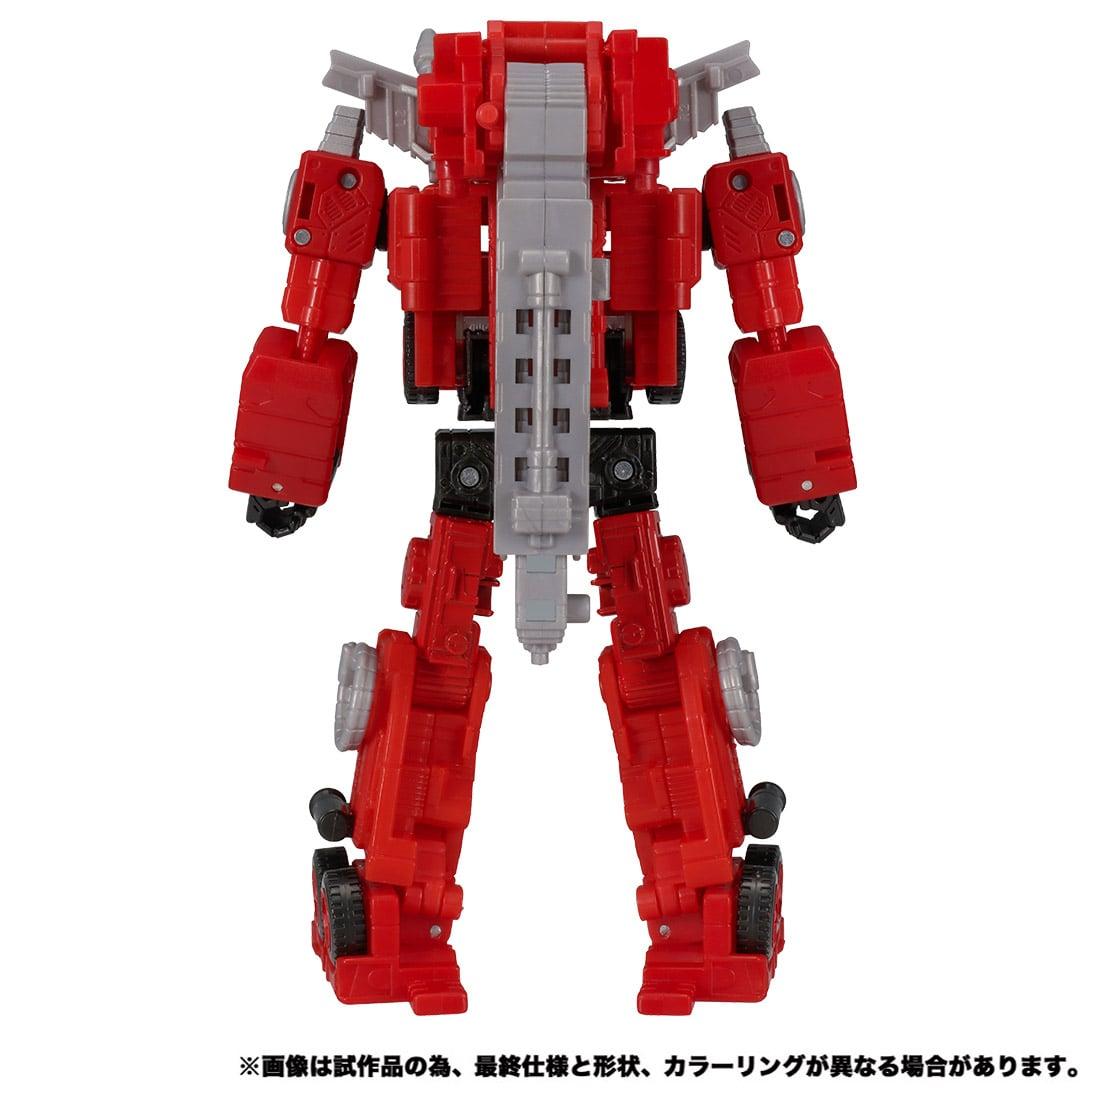 トランスフォーマー キングダム『KD-10 オートボットインフェルノ』可変可動フィギュア-002